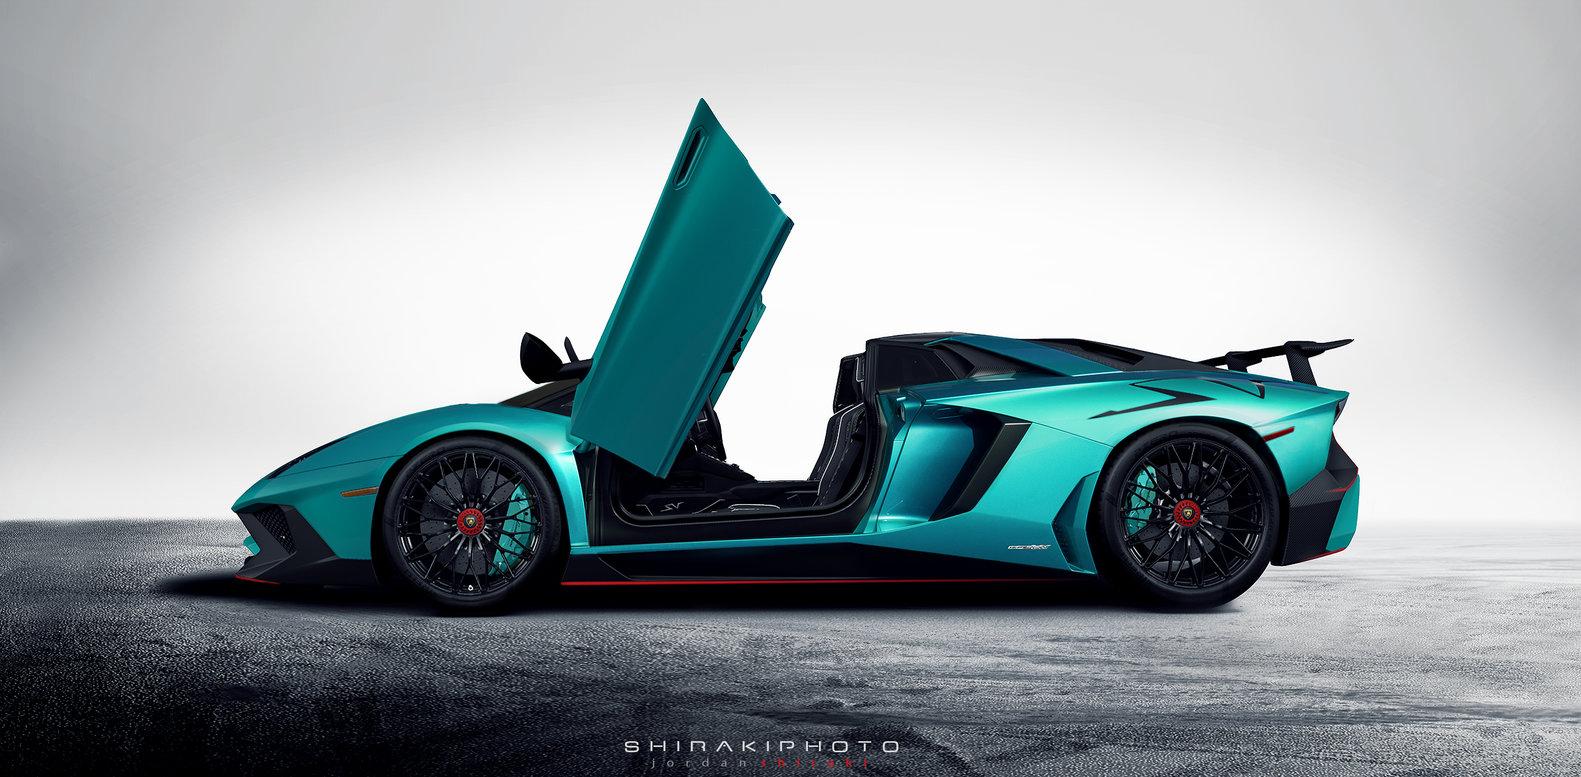 New Lamborghini Aventador Lp750 4 Superveloce Roadster